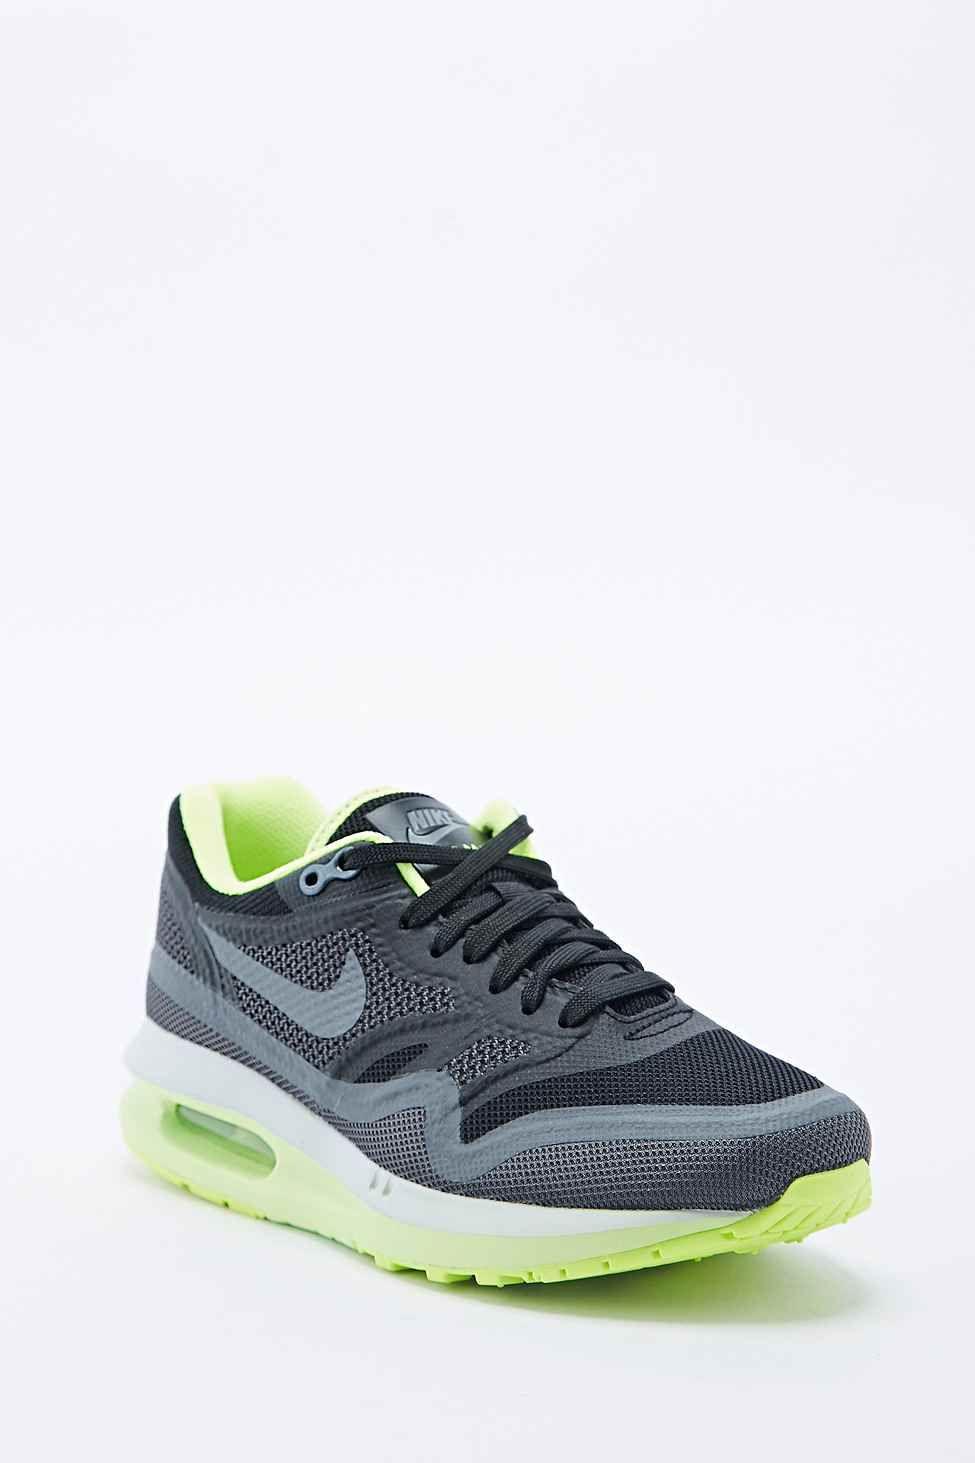 Nike - Baskets Air Max 1 Breathe vertes et noires